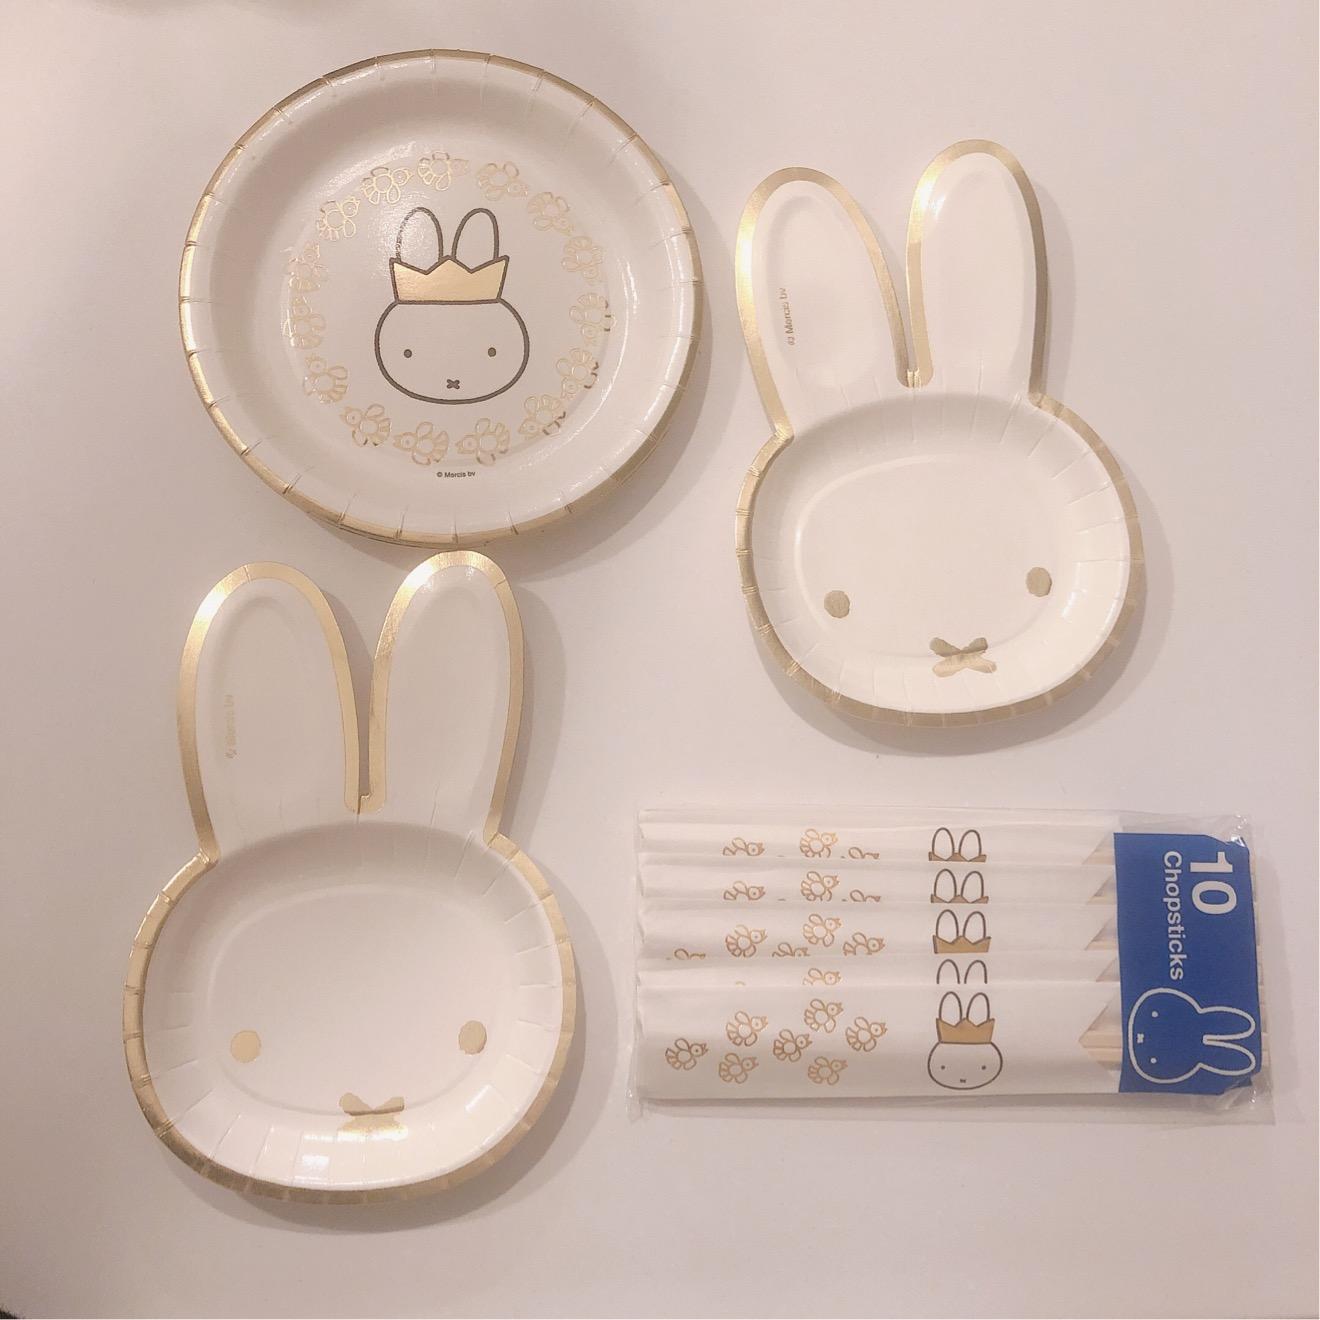 みなとみらい新スポット『横浜ハンマーヘッド』がオープン! おしゃれカフェ、お土産におすすめなグルメショップ5選 photoGallery_2_55